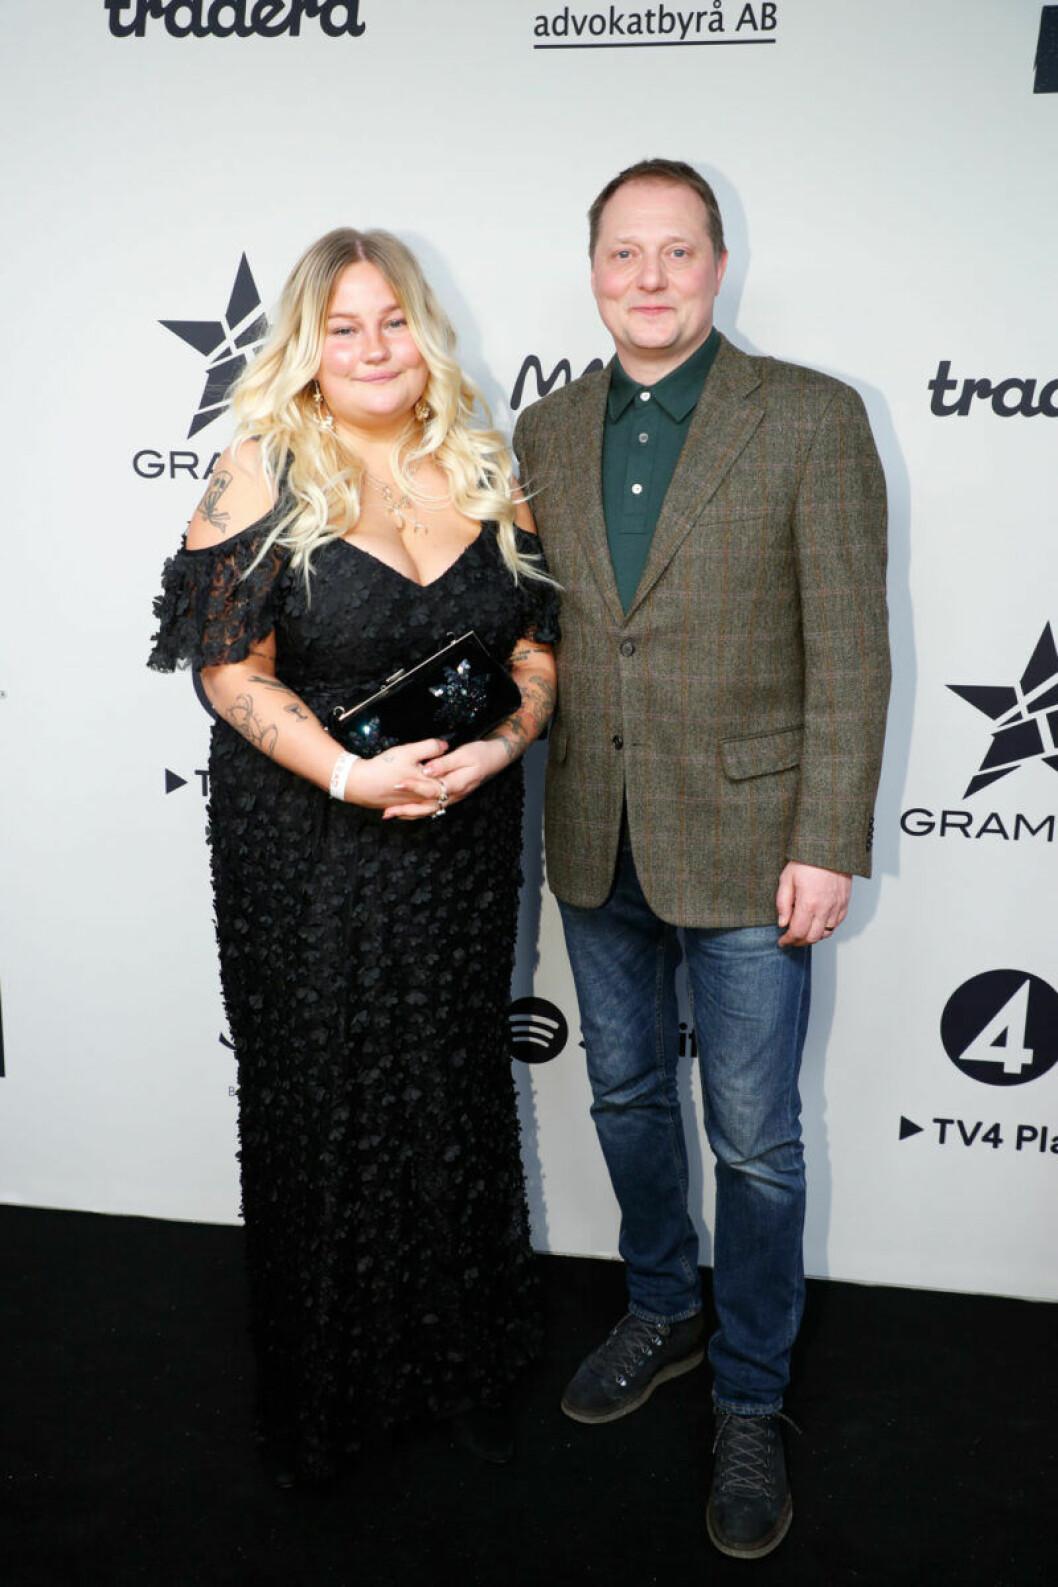 Sarah Klang och Magnus Carlson på Grammis 2019